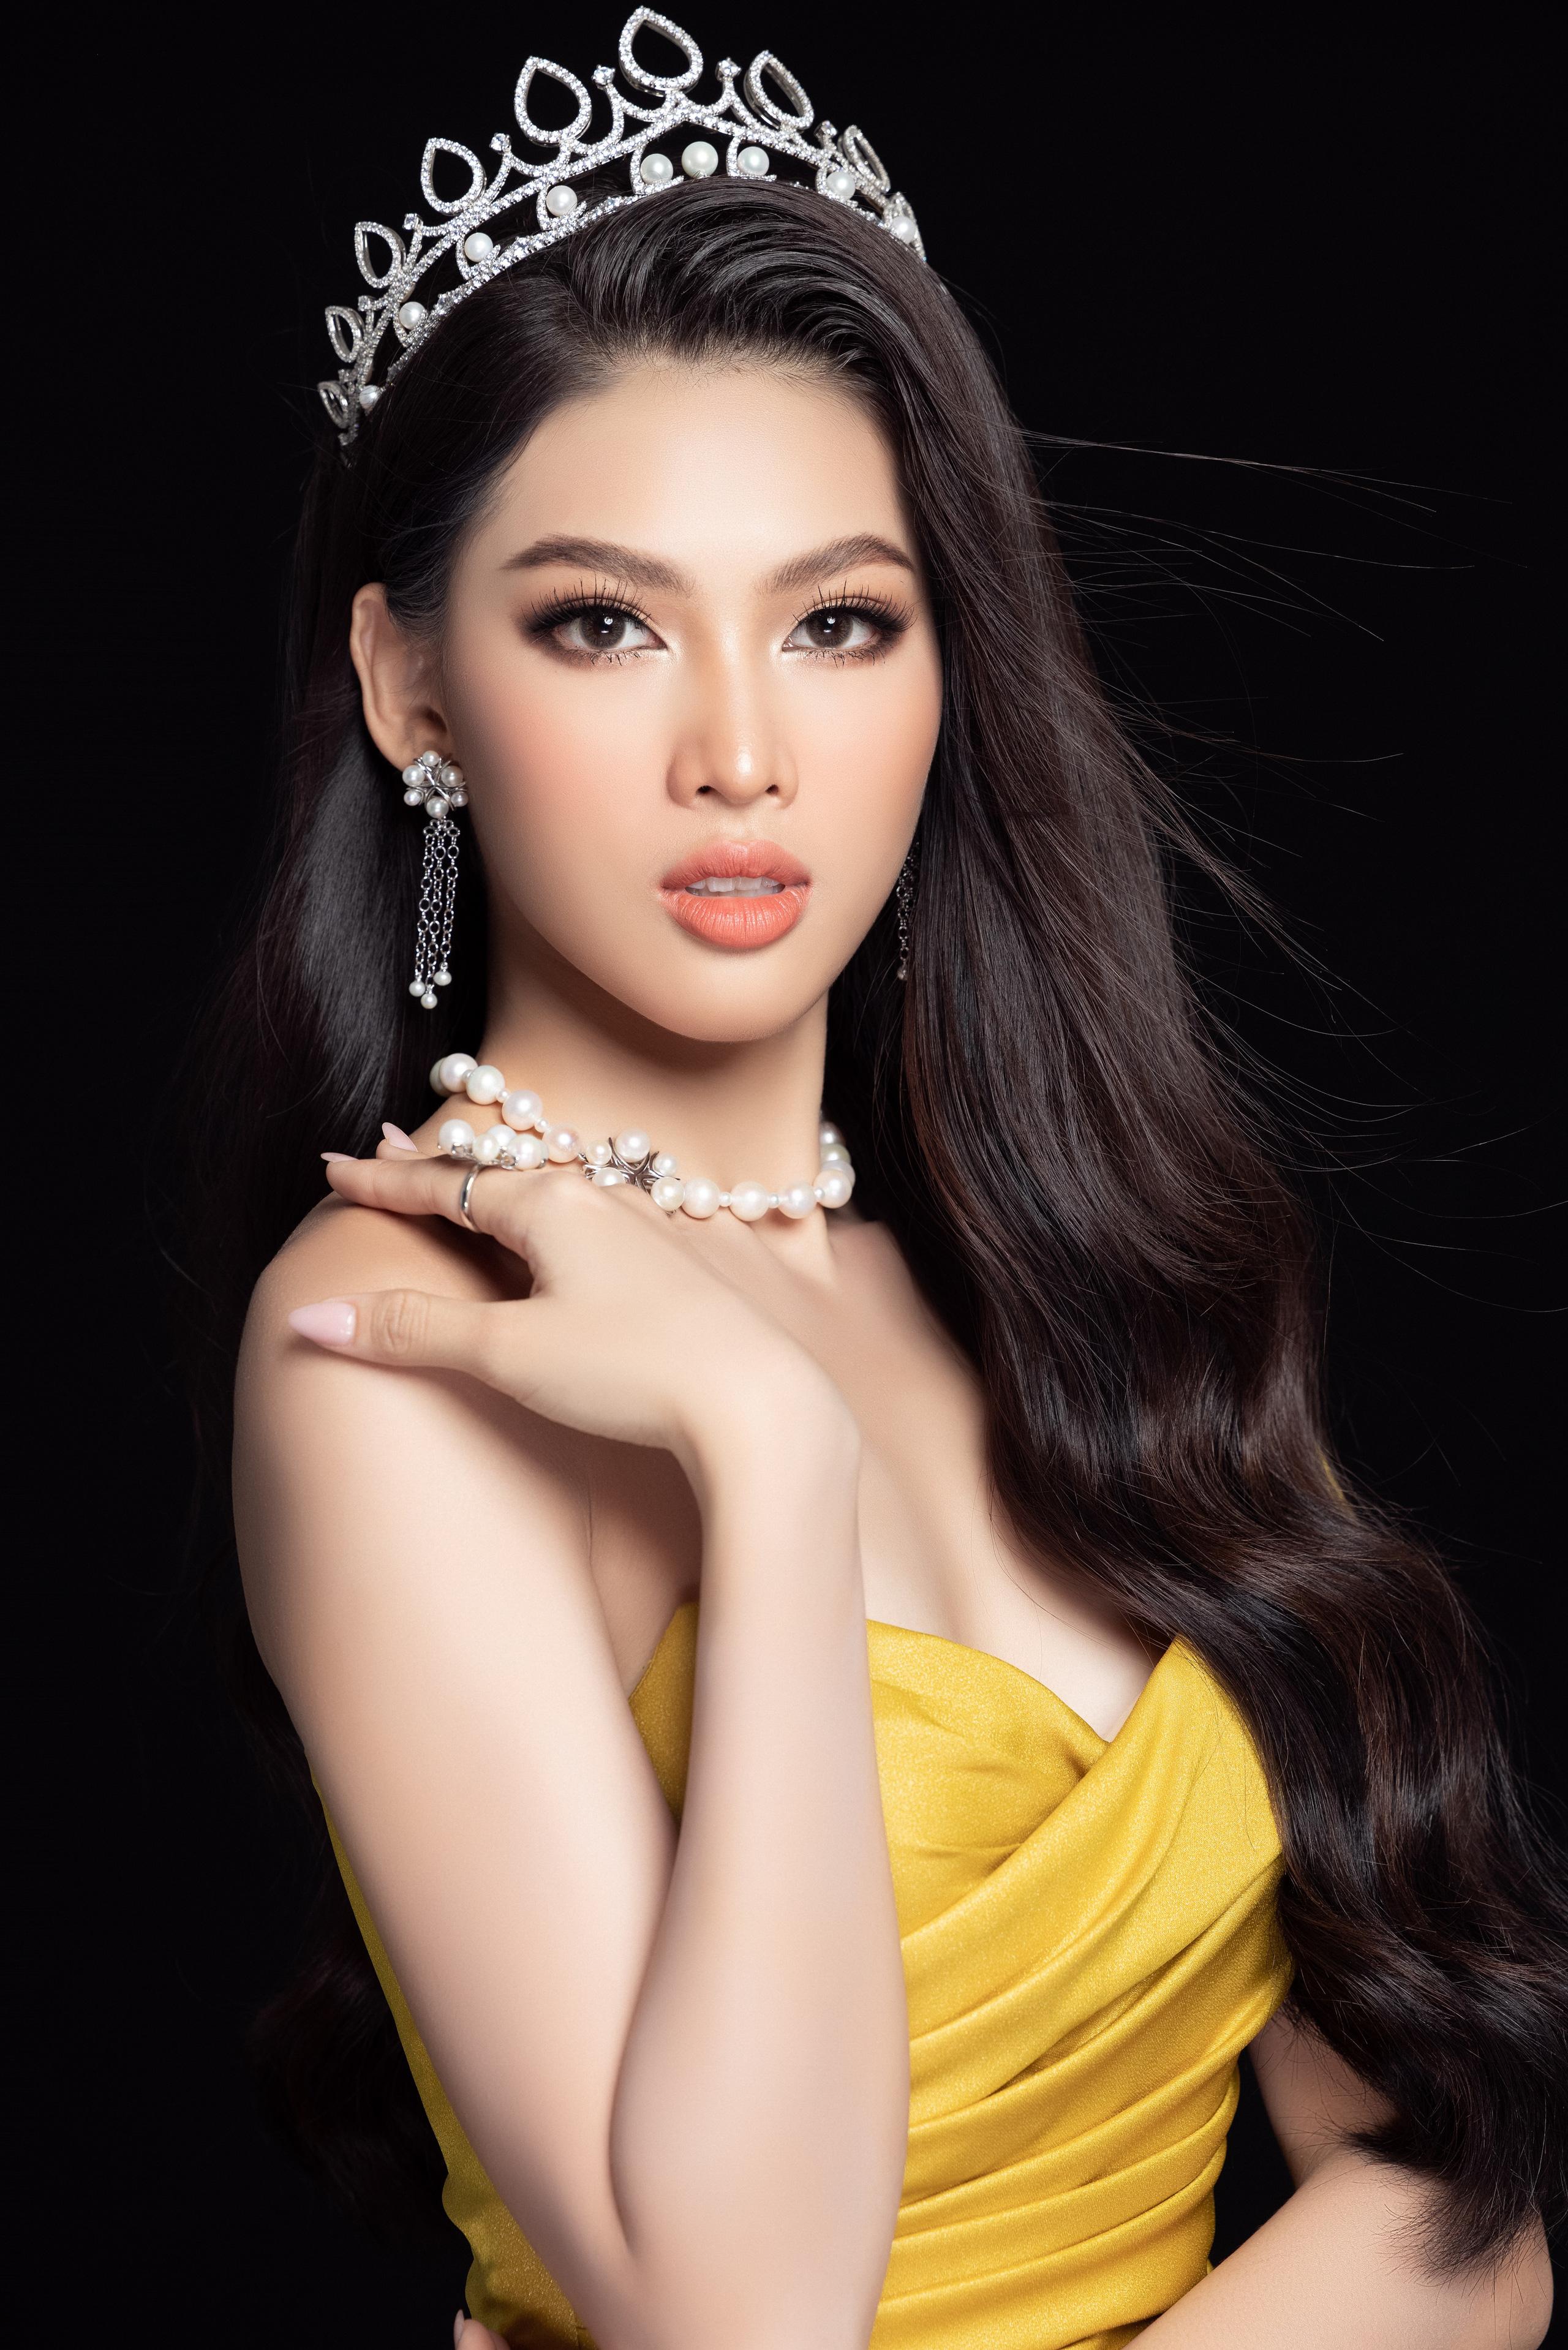 Soi nhan sắc Hoa hậu Đỗ Thị Hà và 2 Á hậu sau một tháng đăng quang - Ảnh 14.